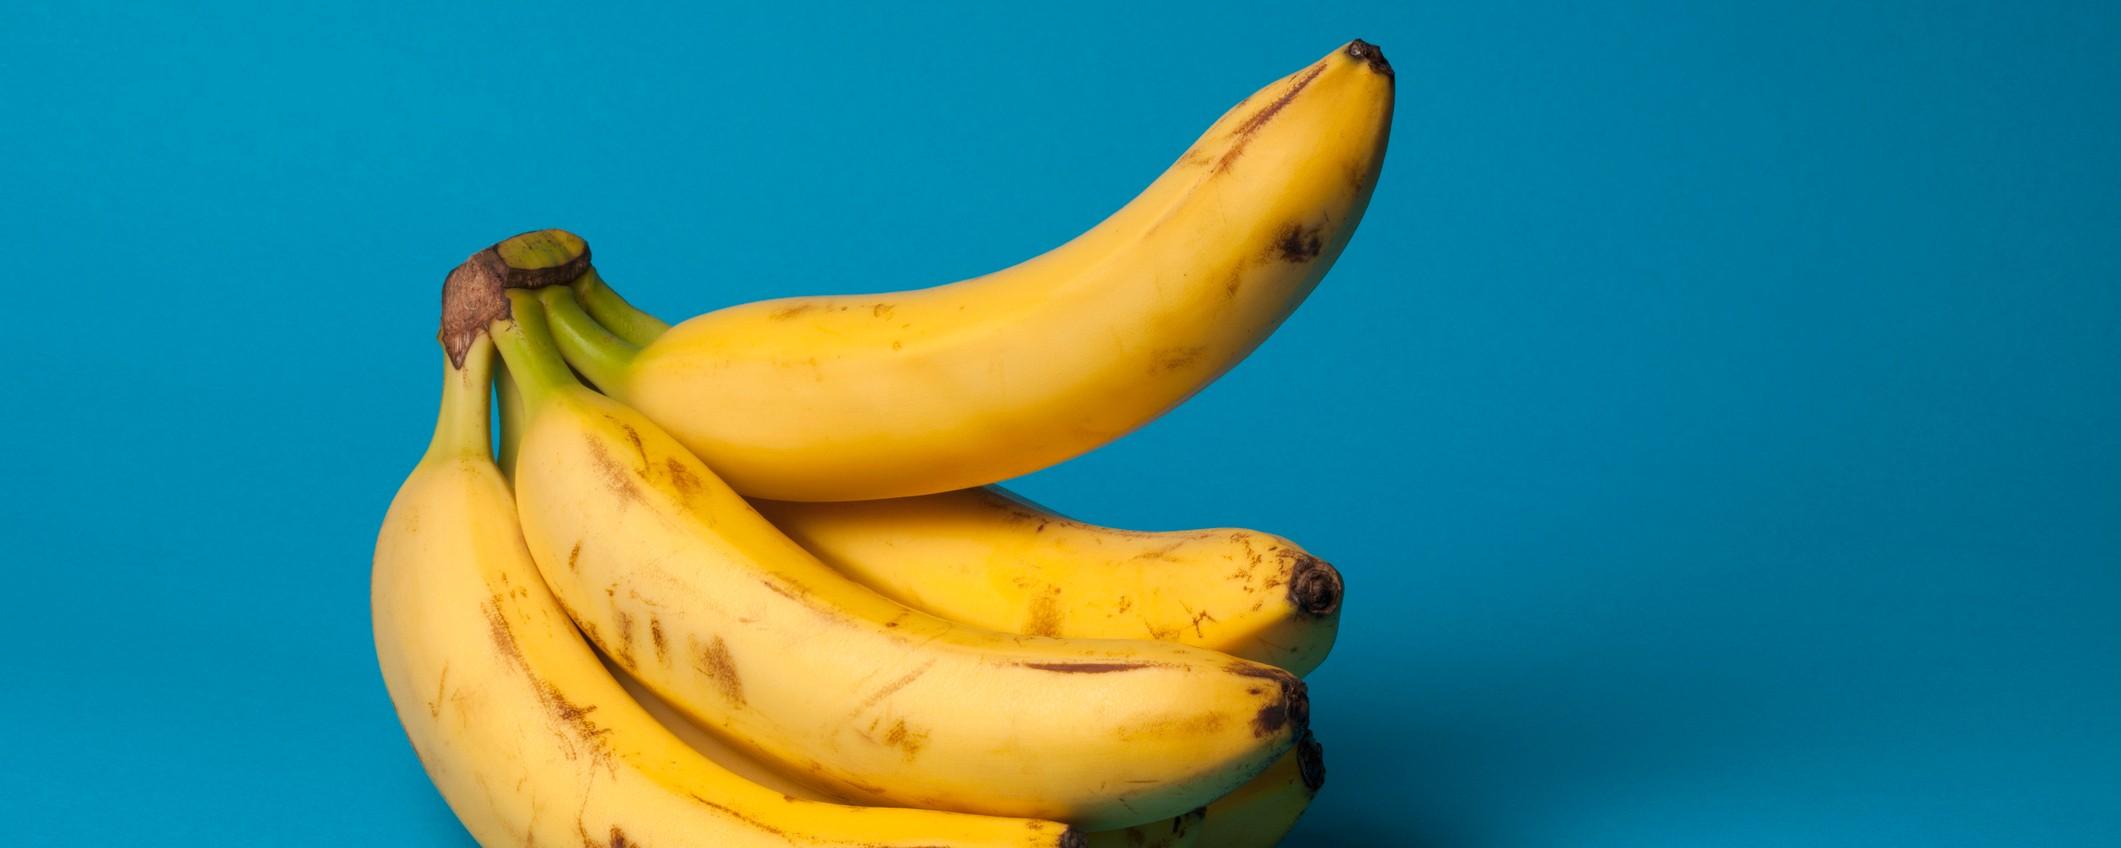 erecție și pasiune cum supt penisul